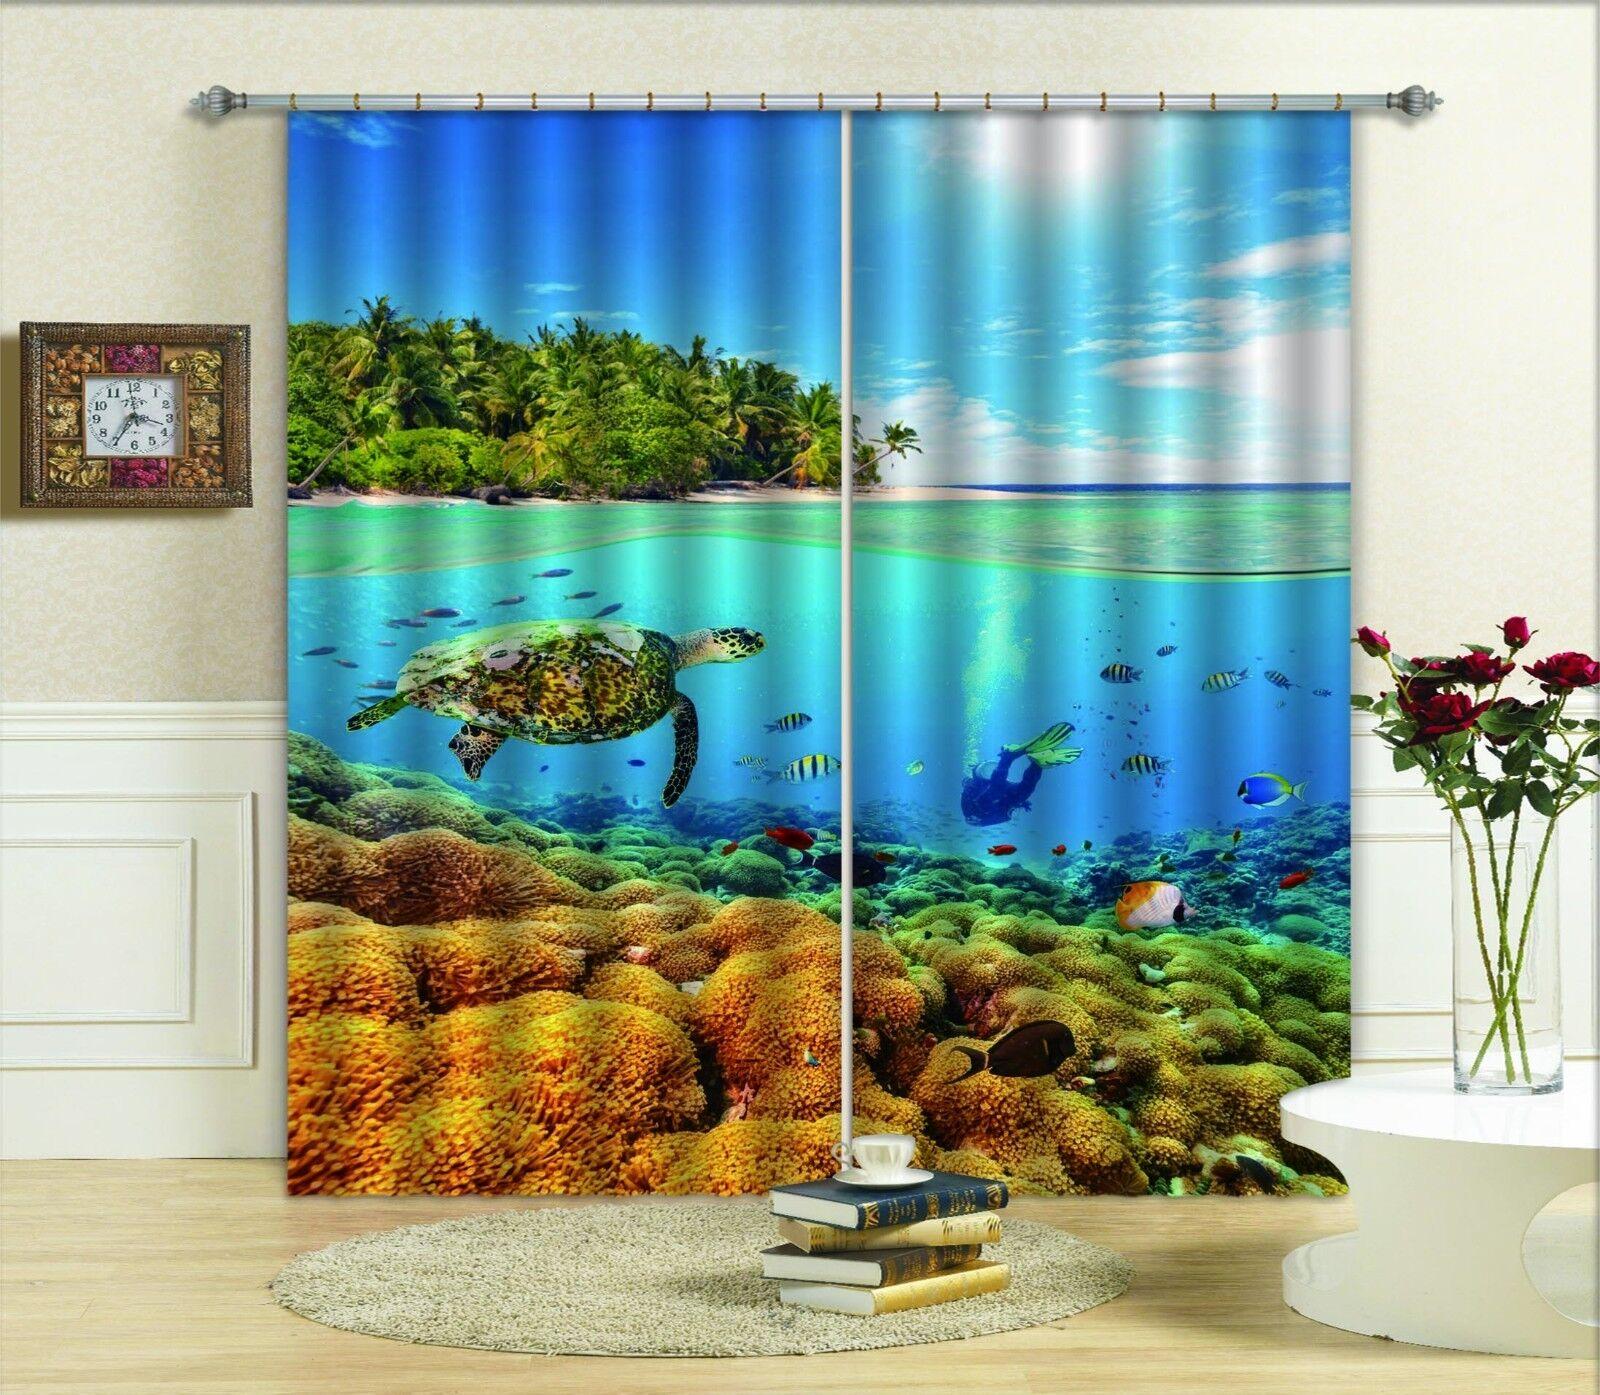 3D Ocean World 66 Cortinas de impresión de cortina de foto Blockout Cortinas Ventana De Tela